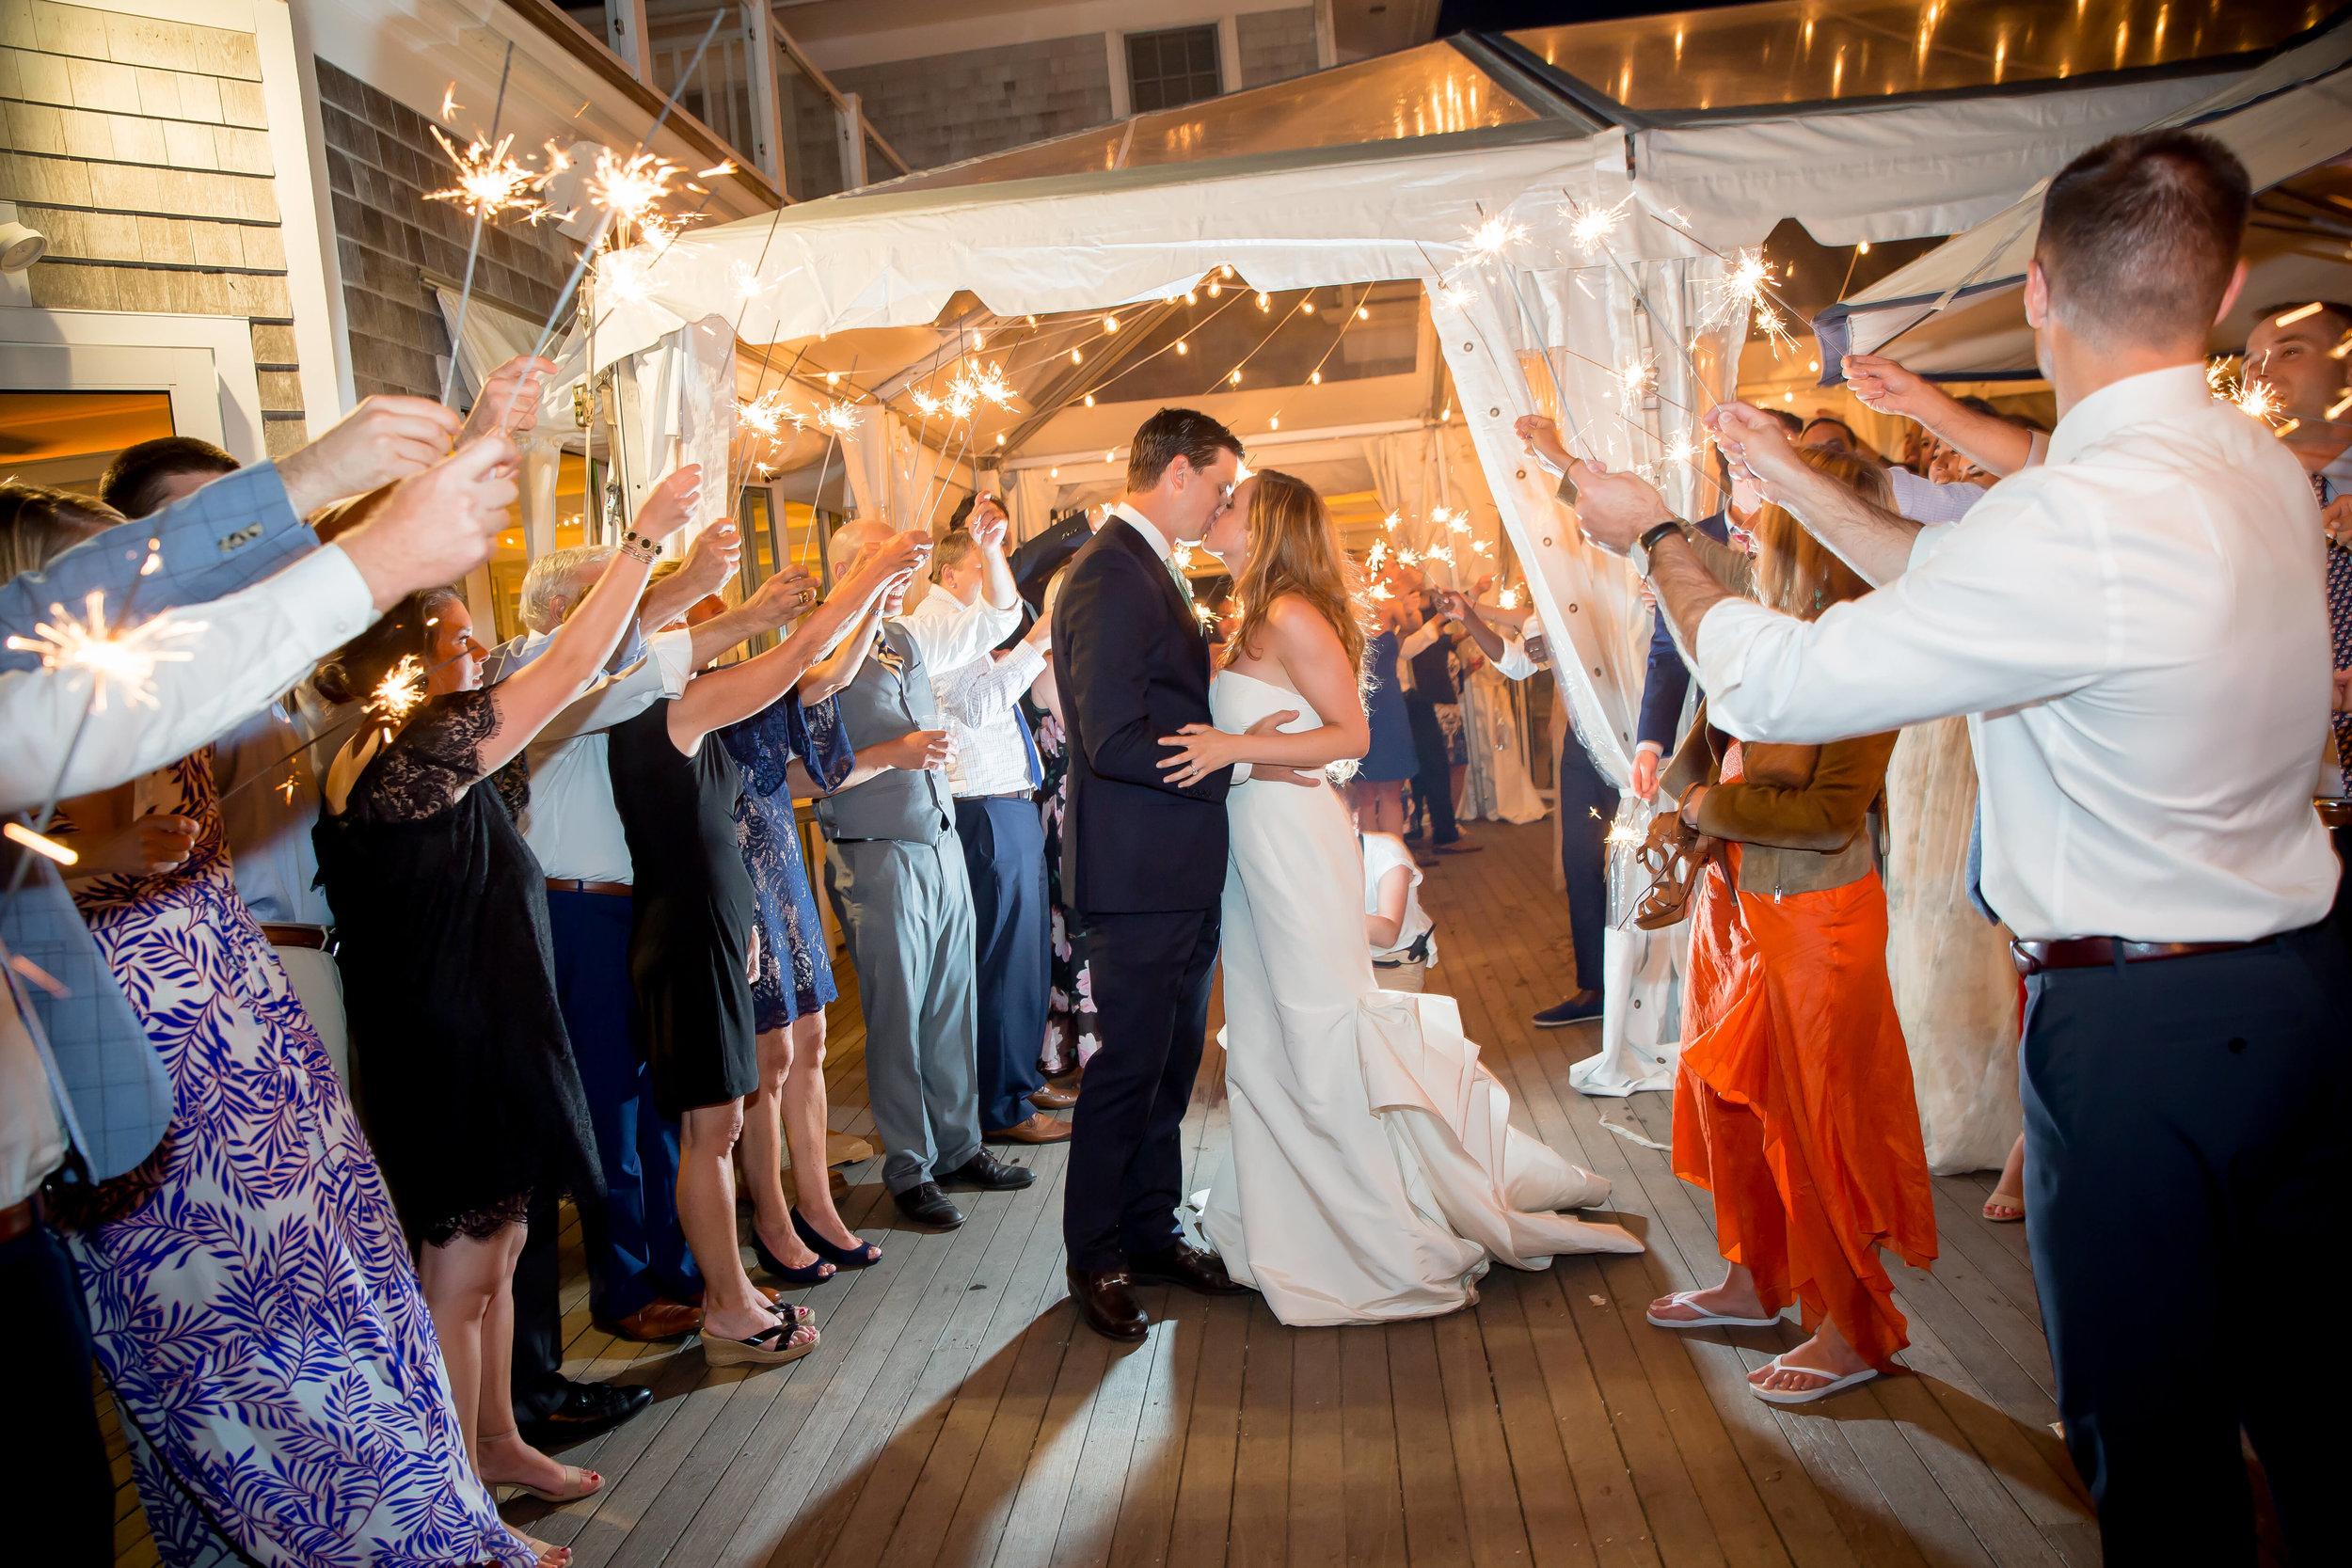 snickenberger-wedding-859.JPG